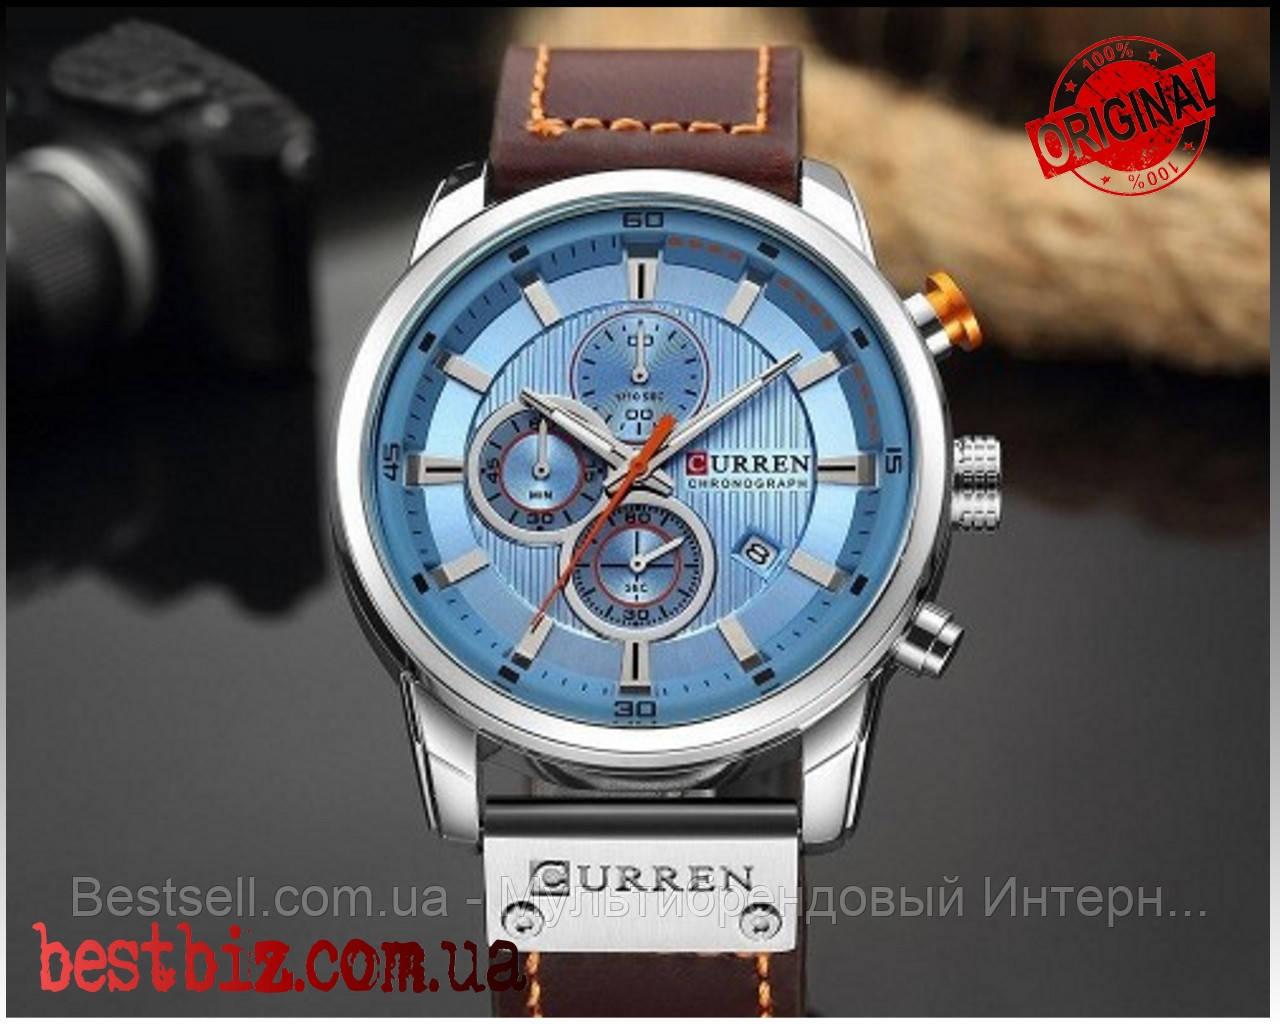 Оригинальные мужские часы кожаный ремешок  Curren 8291 Silver-Blue